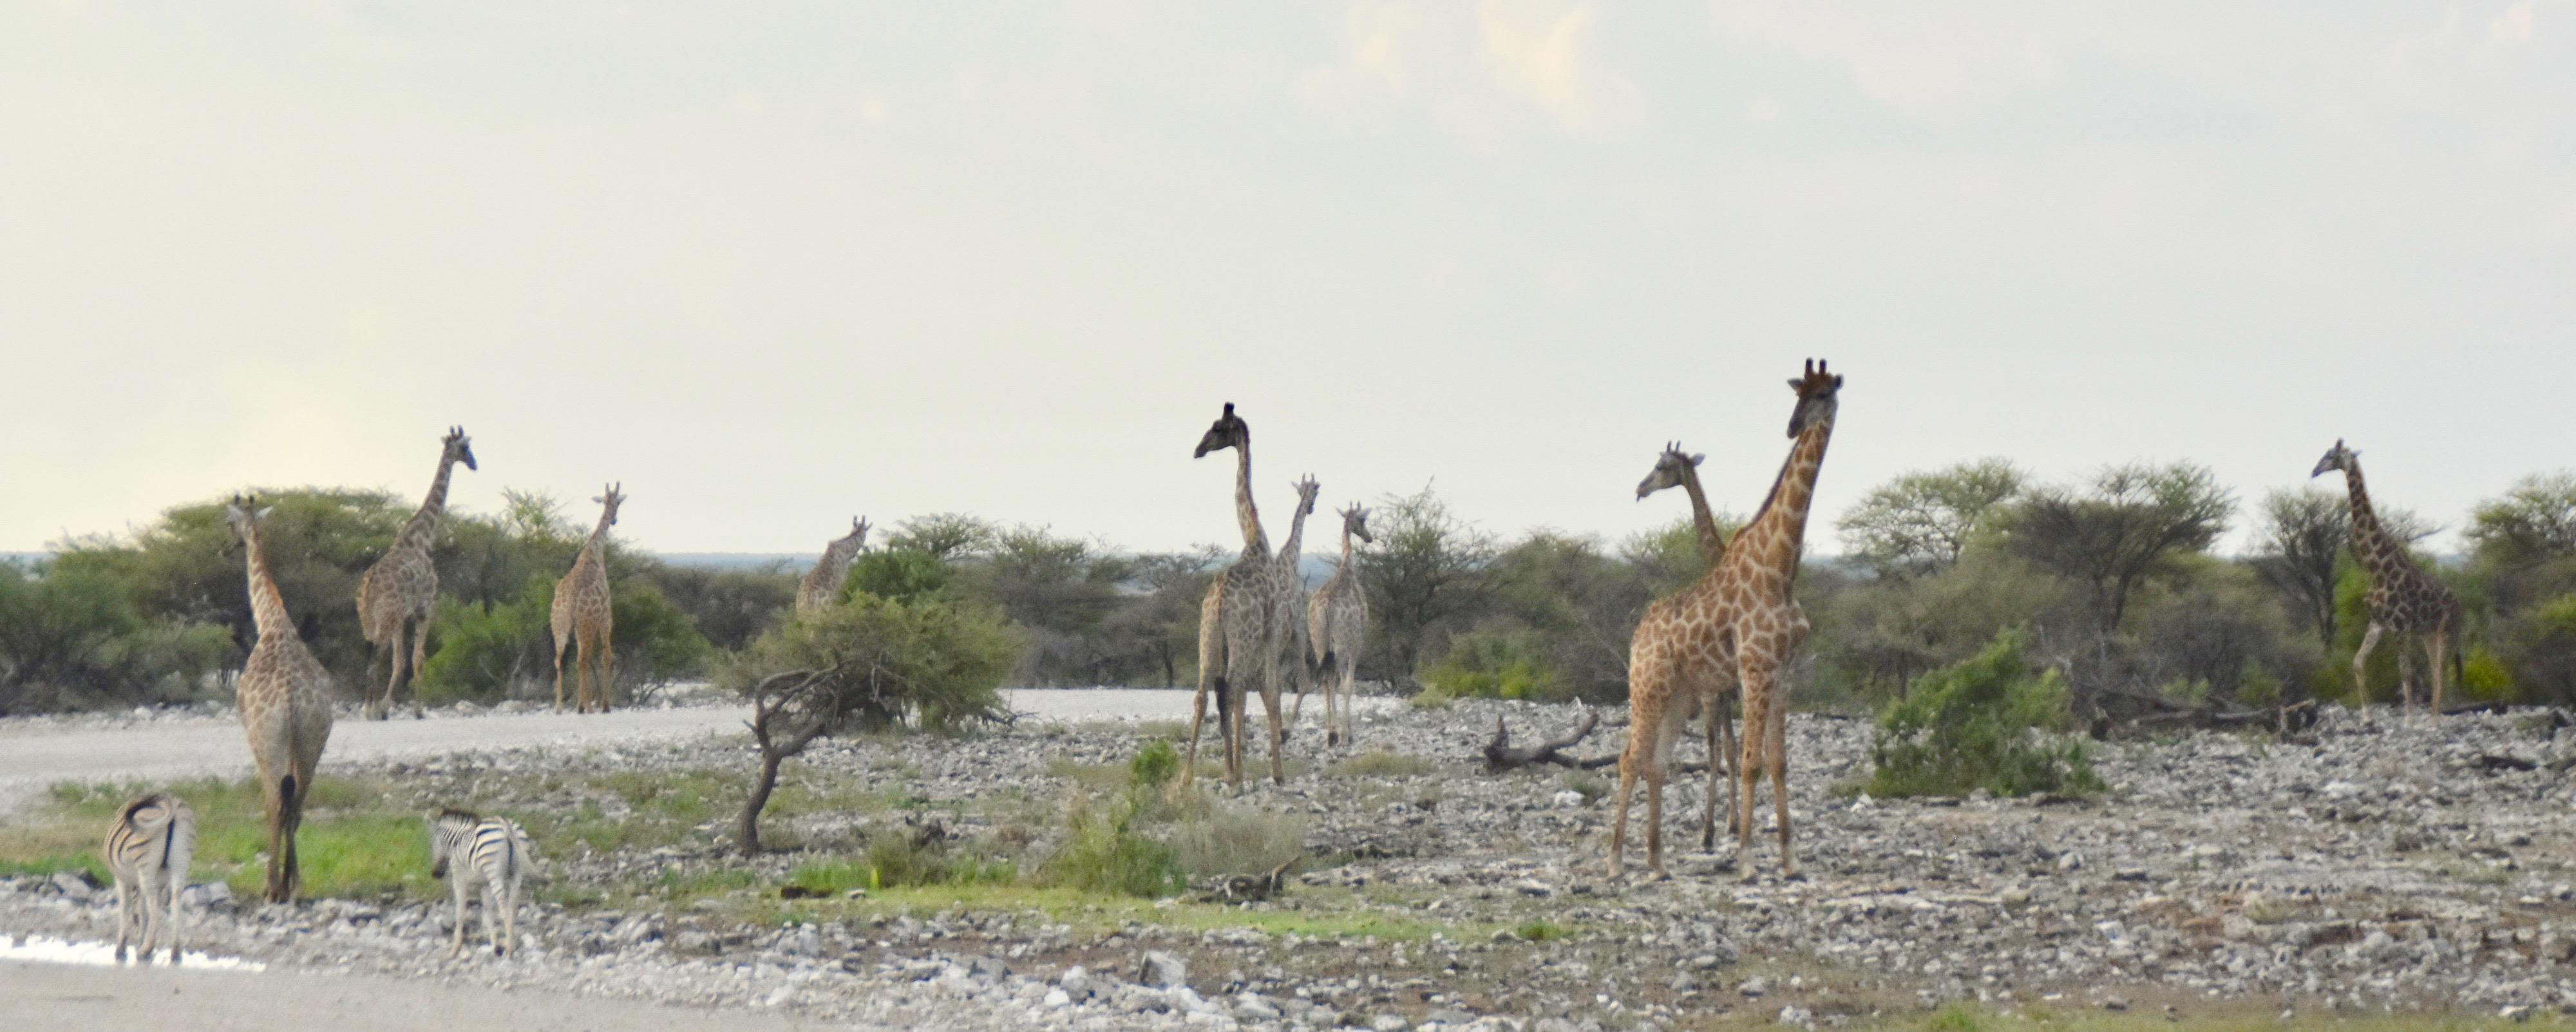 Giraffes at Etosha Water Holes